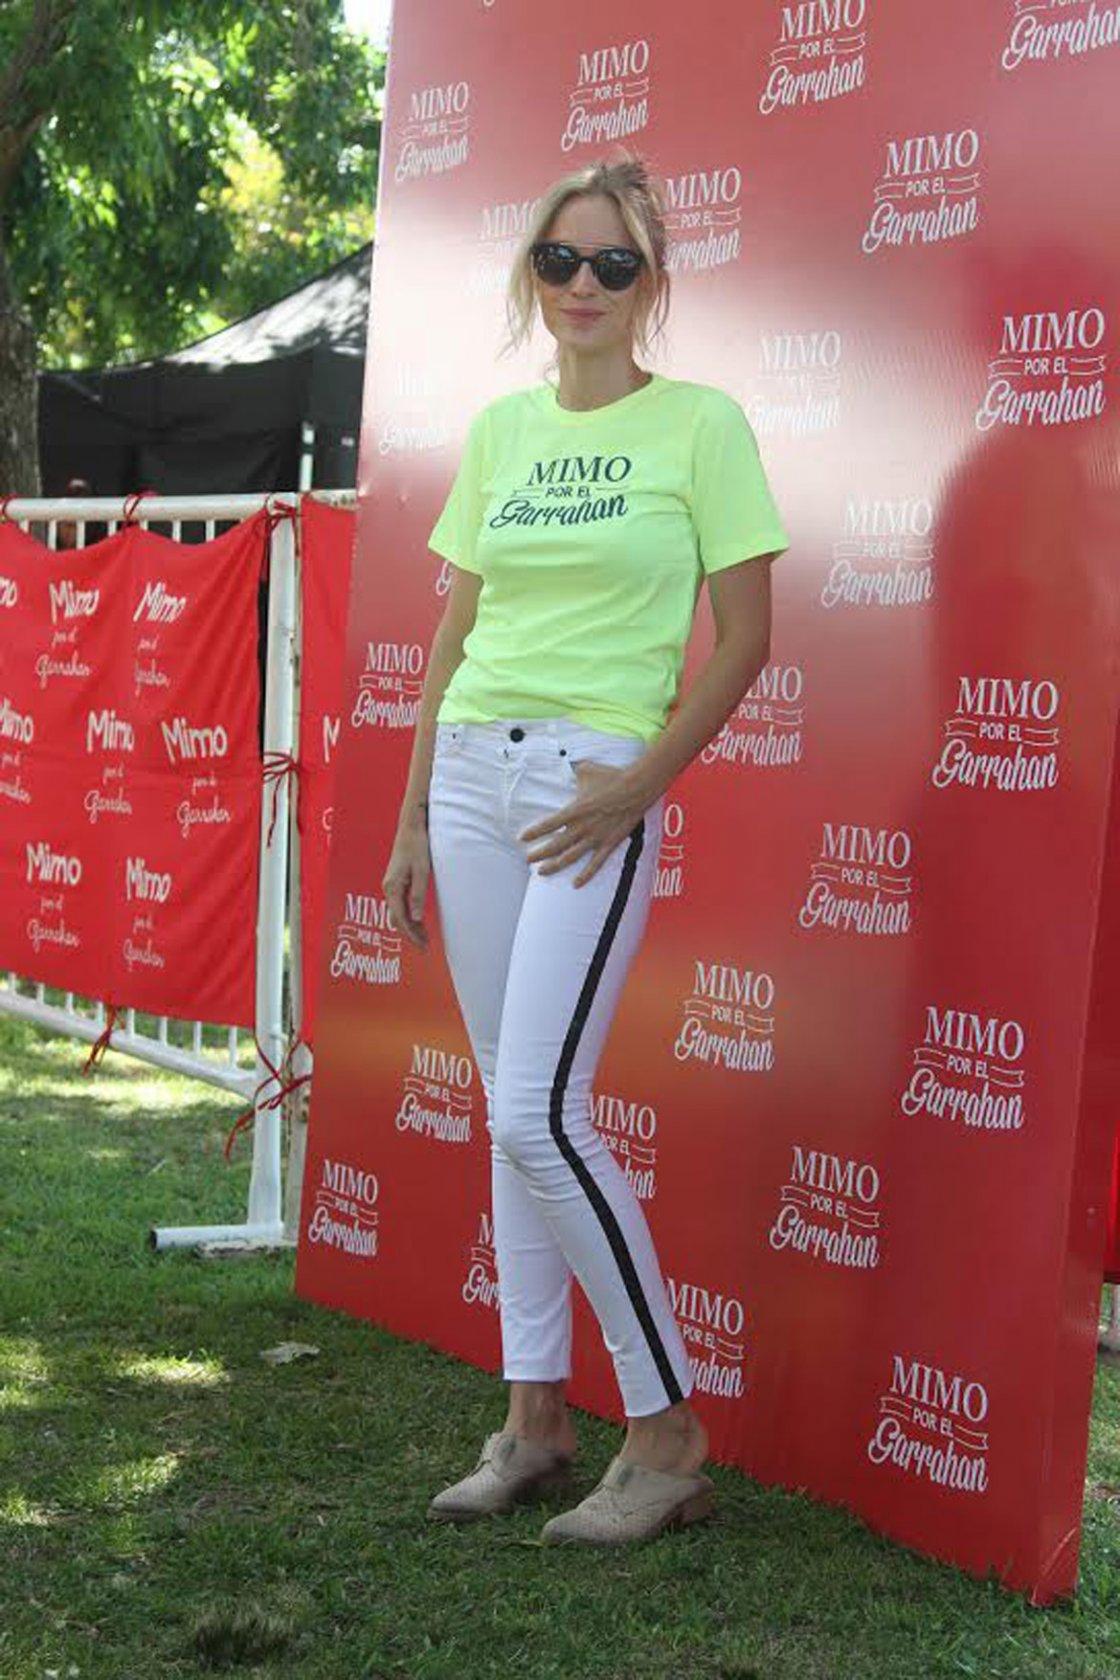 Brenda Gandini,en la caminata Mimmo por el Garrahan